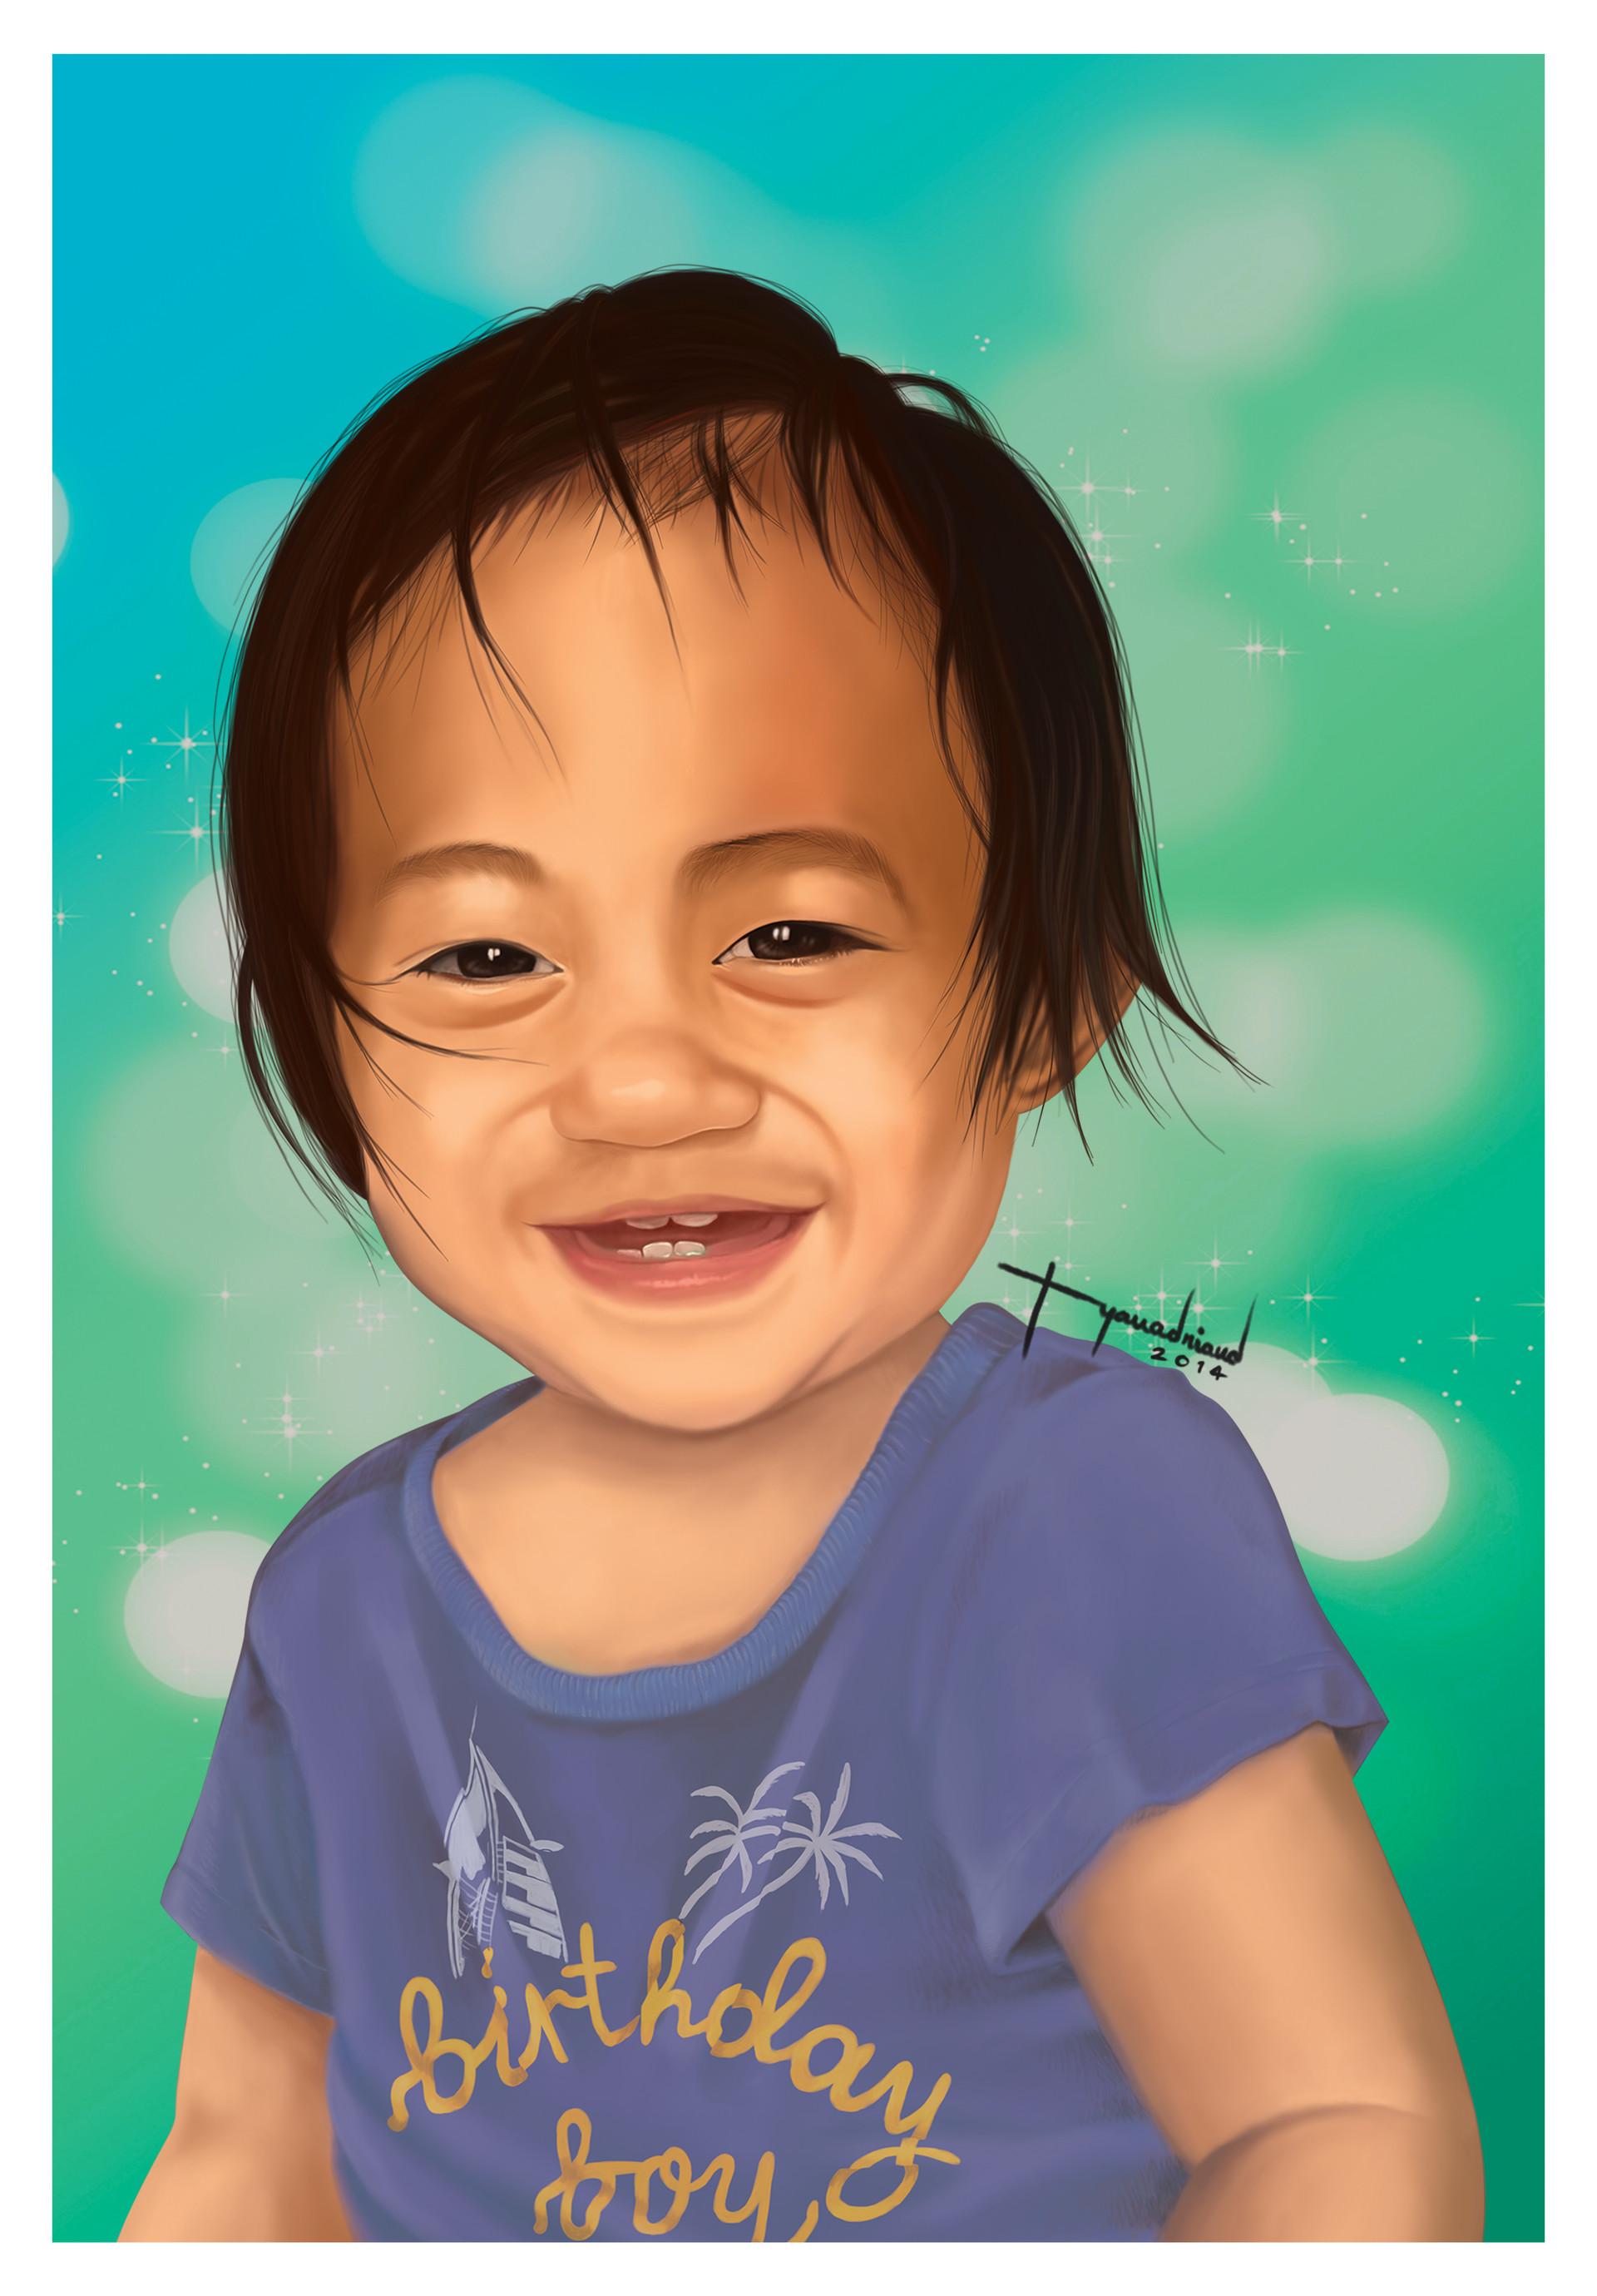 Rye adriano baby elijah portrait